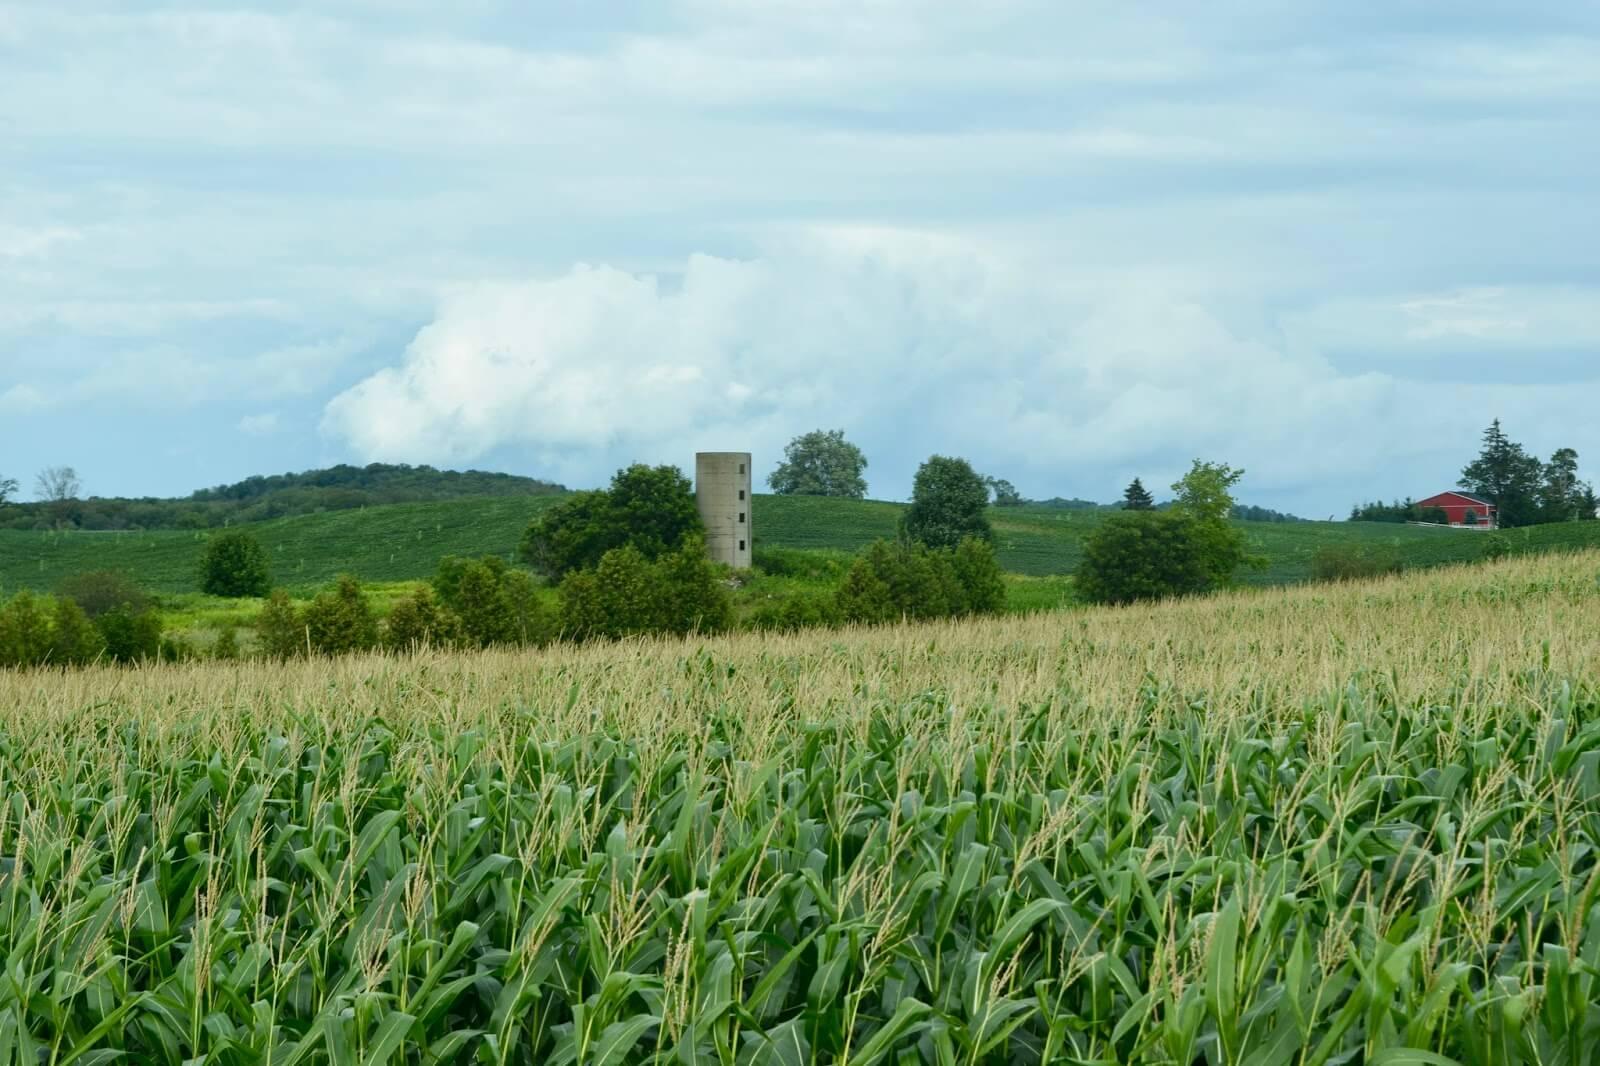 Stone silo in background of cornfield